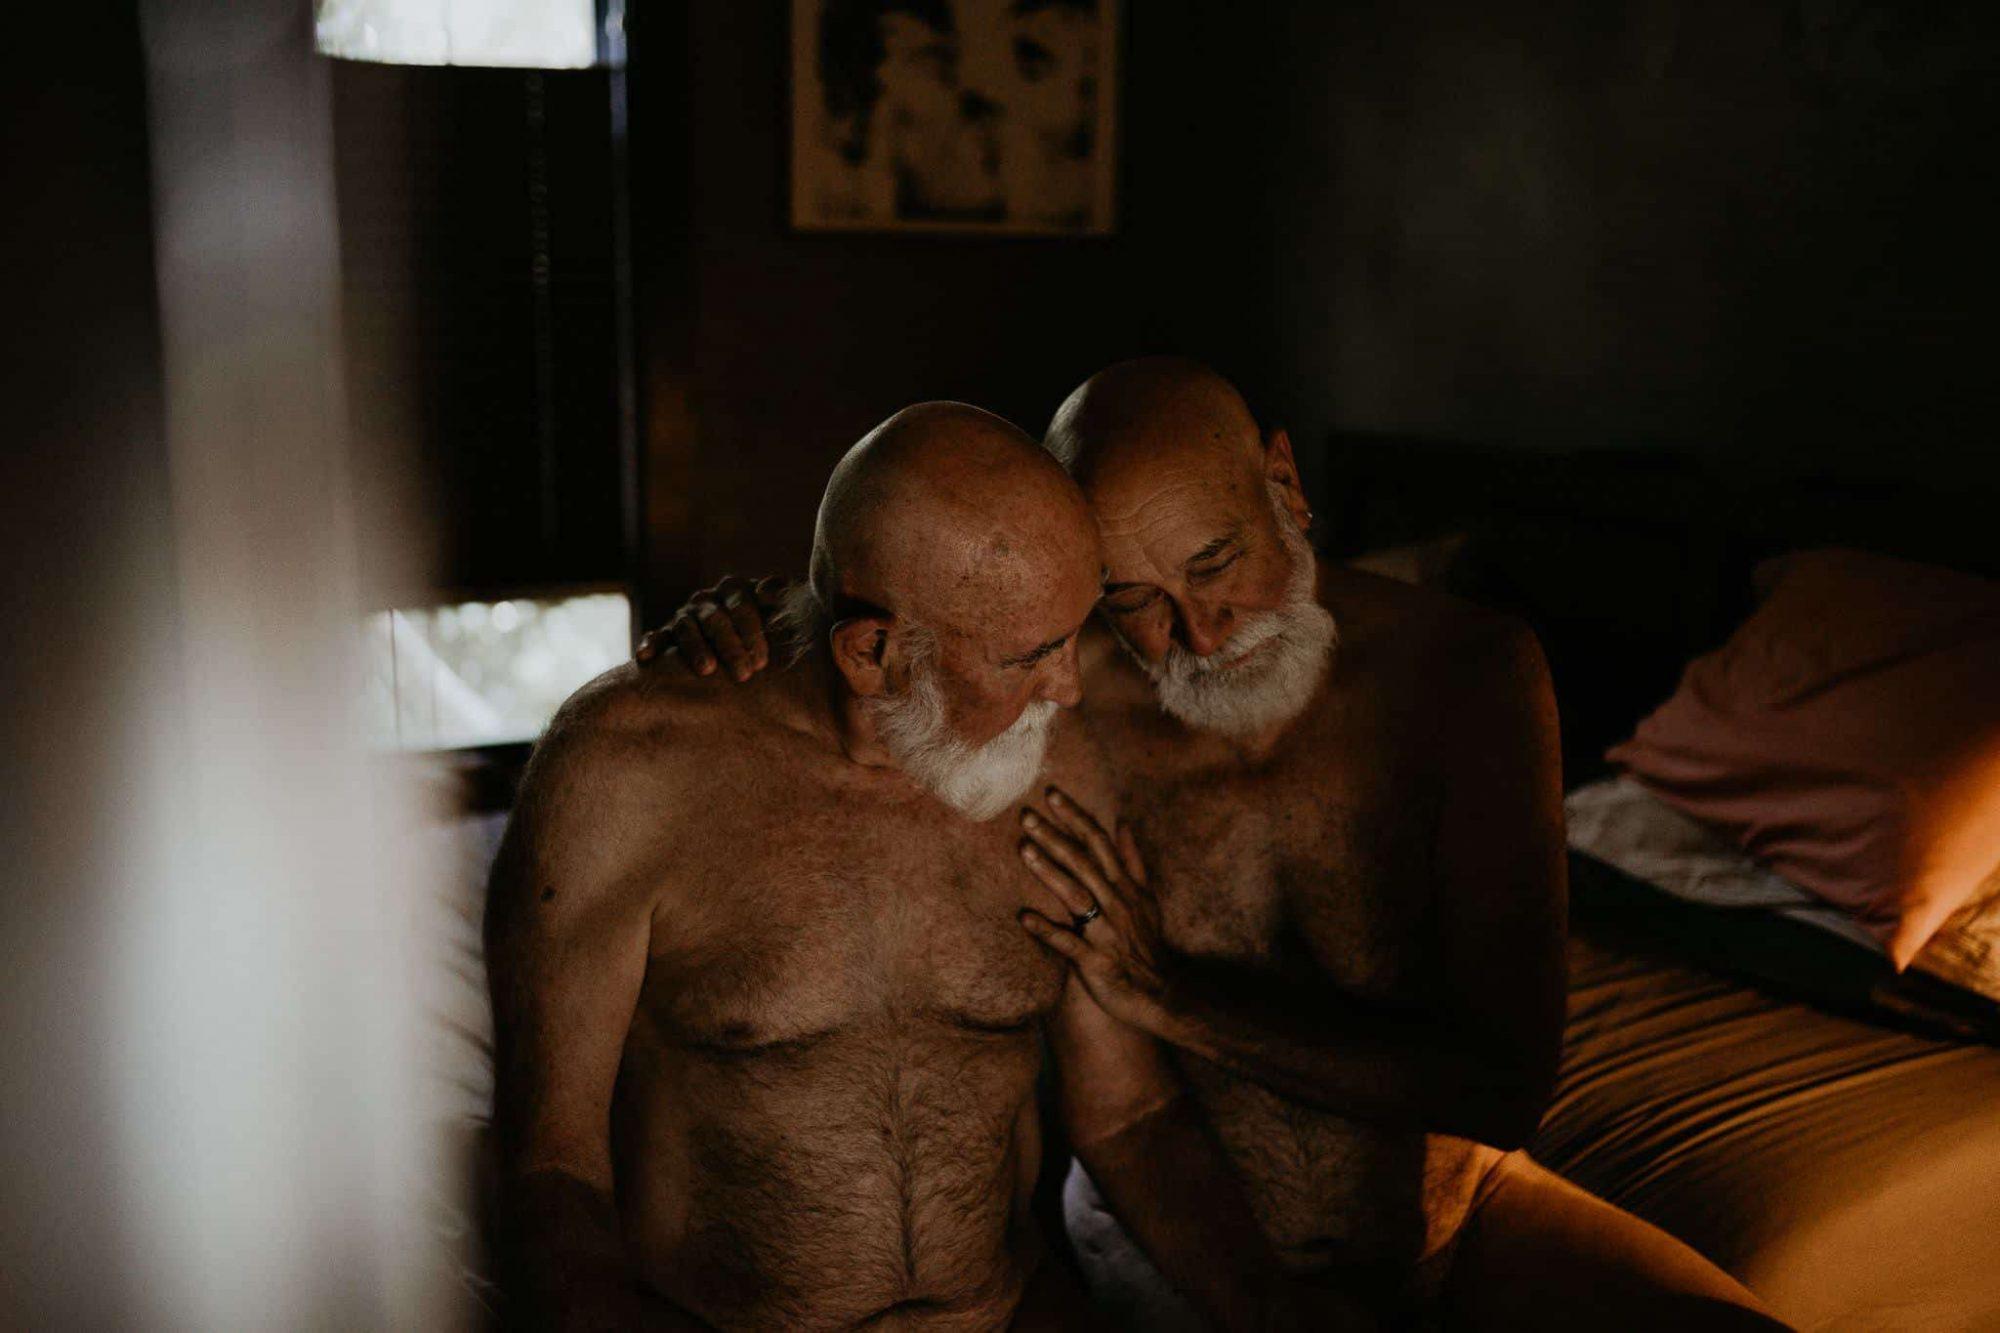 Miłość homoseksualna, a związek otwarty